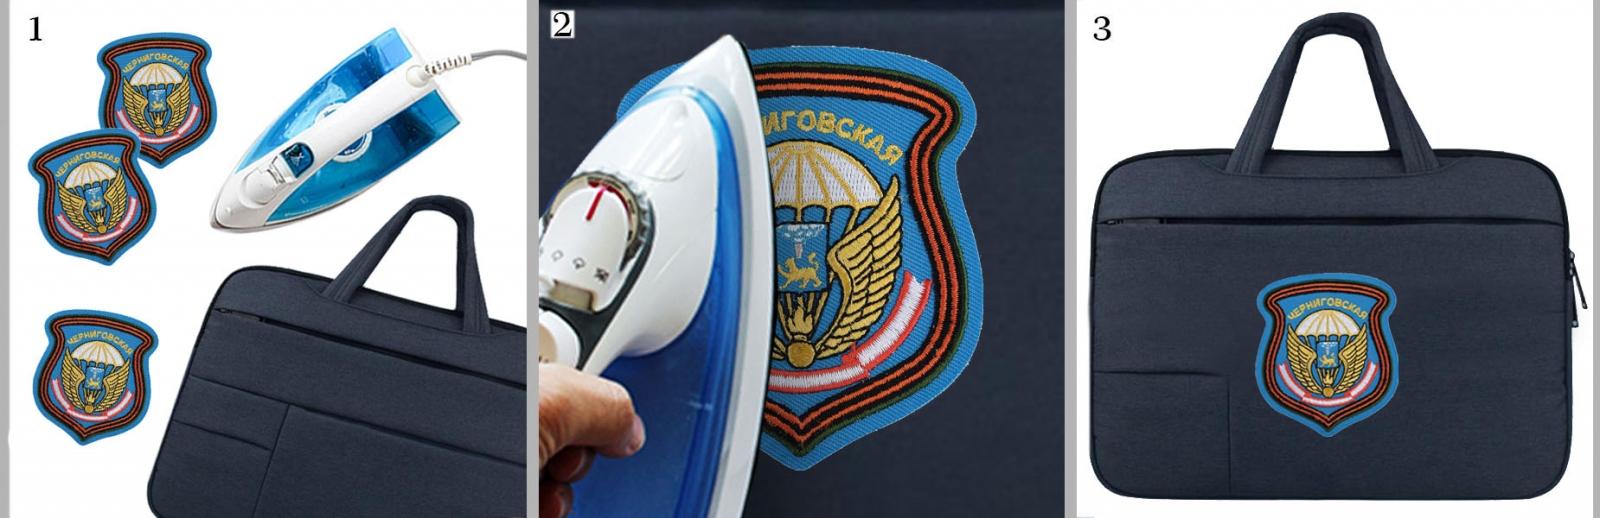 Эмблема-нашивка «76 Черниговская дивизия ВДВ» на сумке